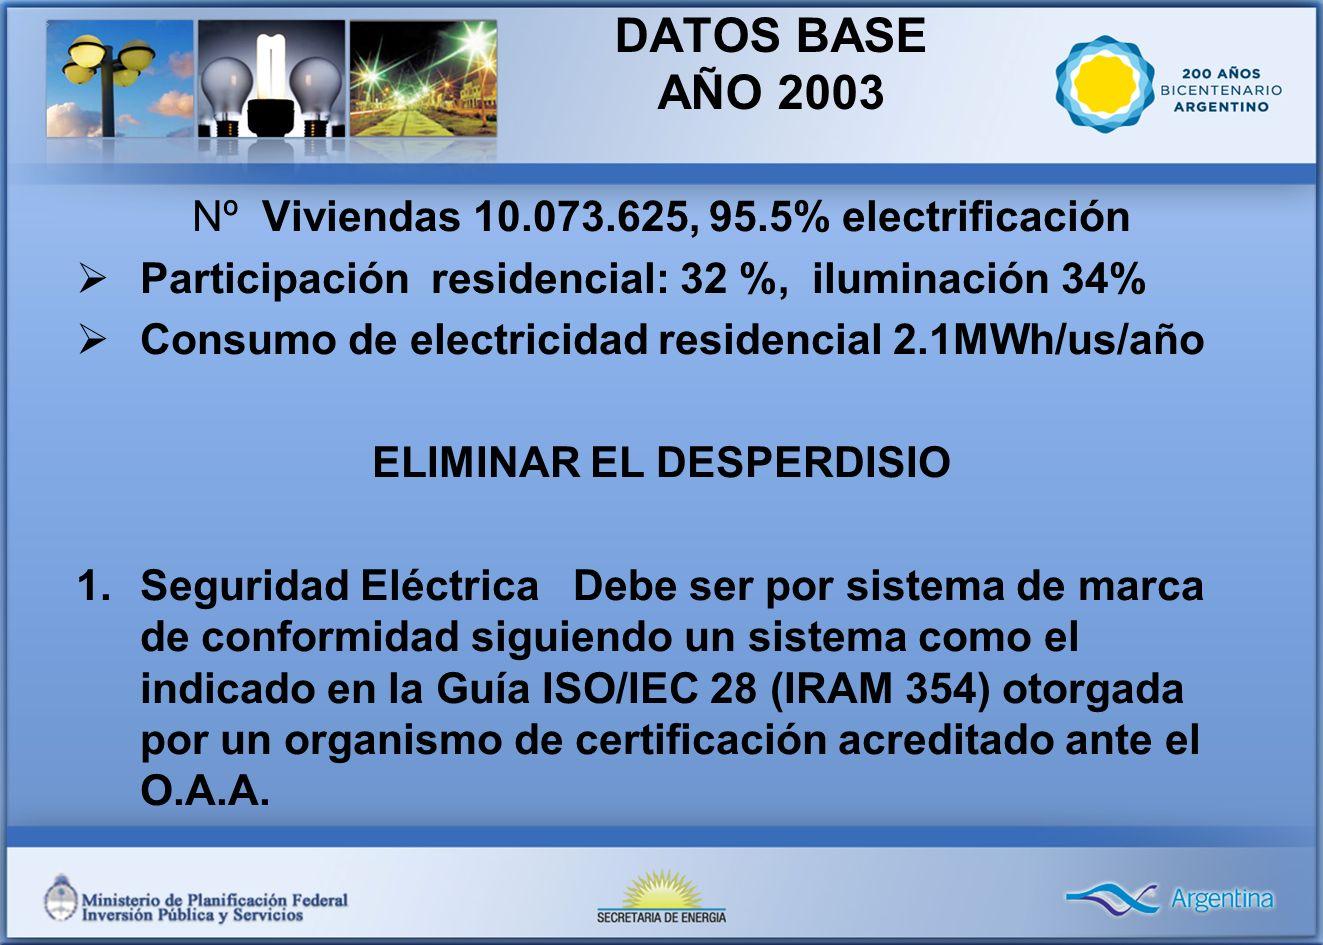 DATOS BASE AÑO 2003 Nº Viviendas 10.073.625, 95.5% electrificación Participación residencial: 32 %, iluminación 34% Consumo de electricidad residencial 2.1MWh/us/año ELIMINAR EL DESPERDISIO 1.Seguridad Eléctrica Debe ser por sistema de marca de conformidad siguiendo un sistema como el indicado en la Guía ISO/IEC 28 (IRAM 354) otorgada por un organismo de certificación acreditado ante el O.A.A.